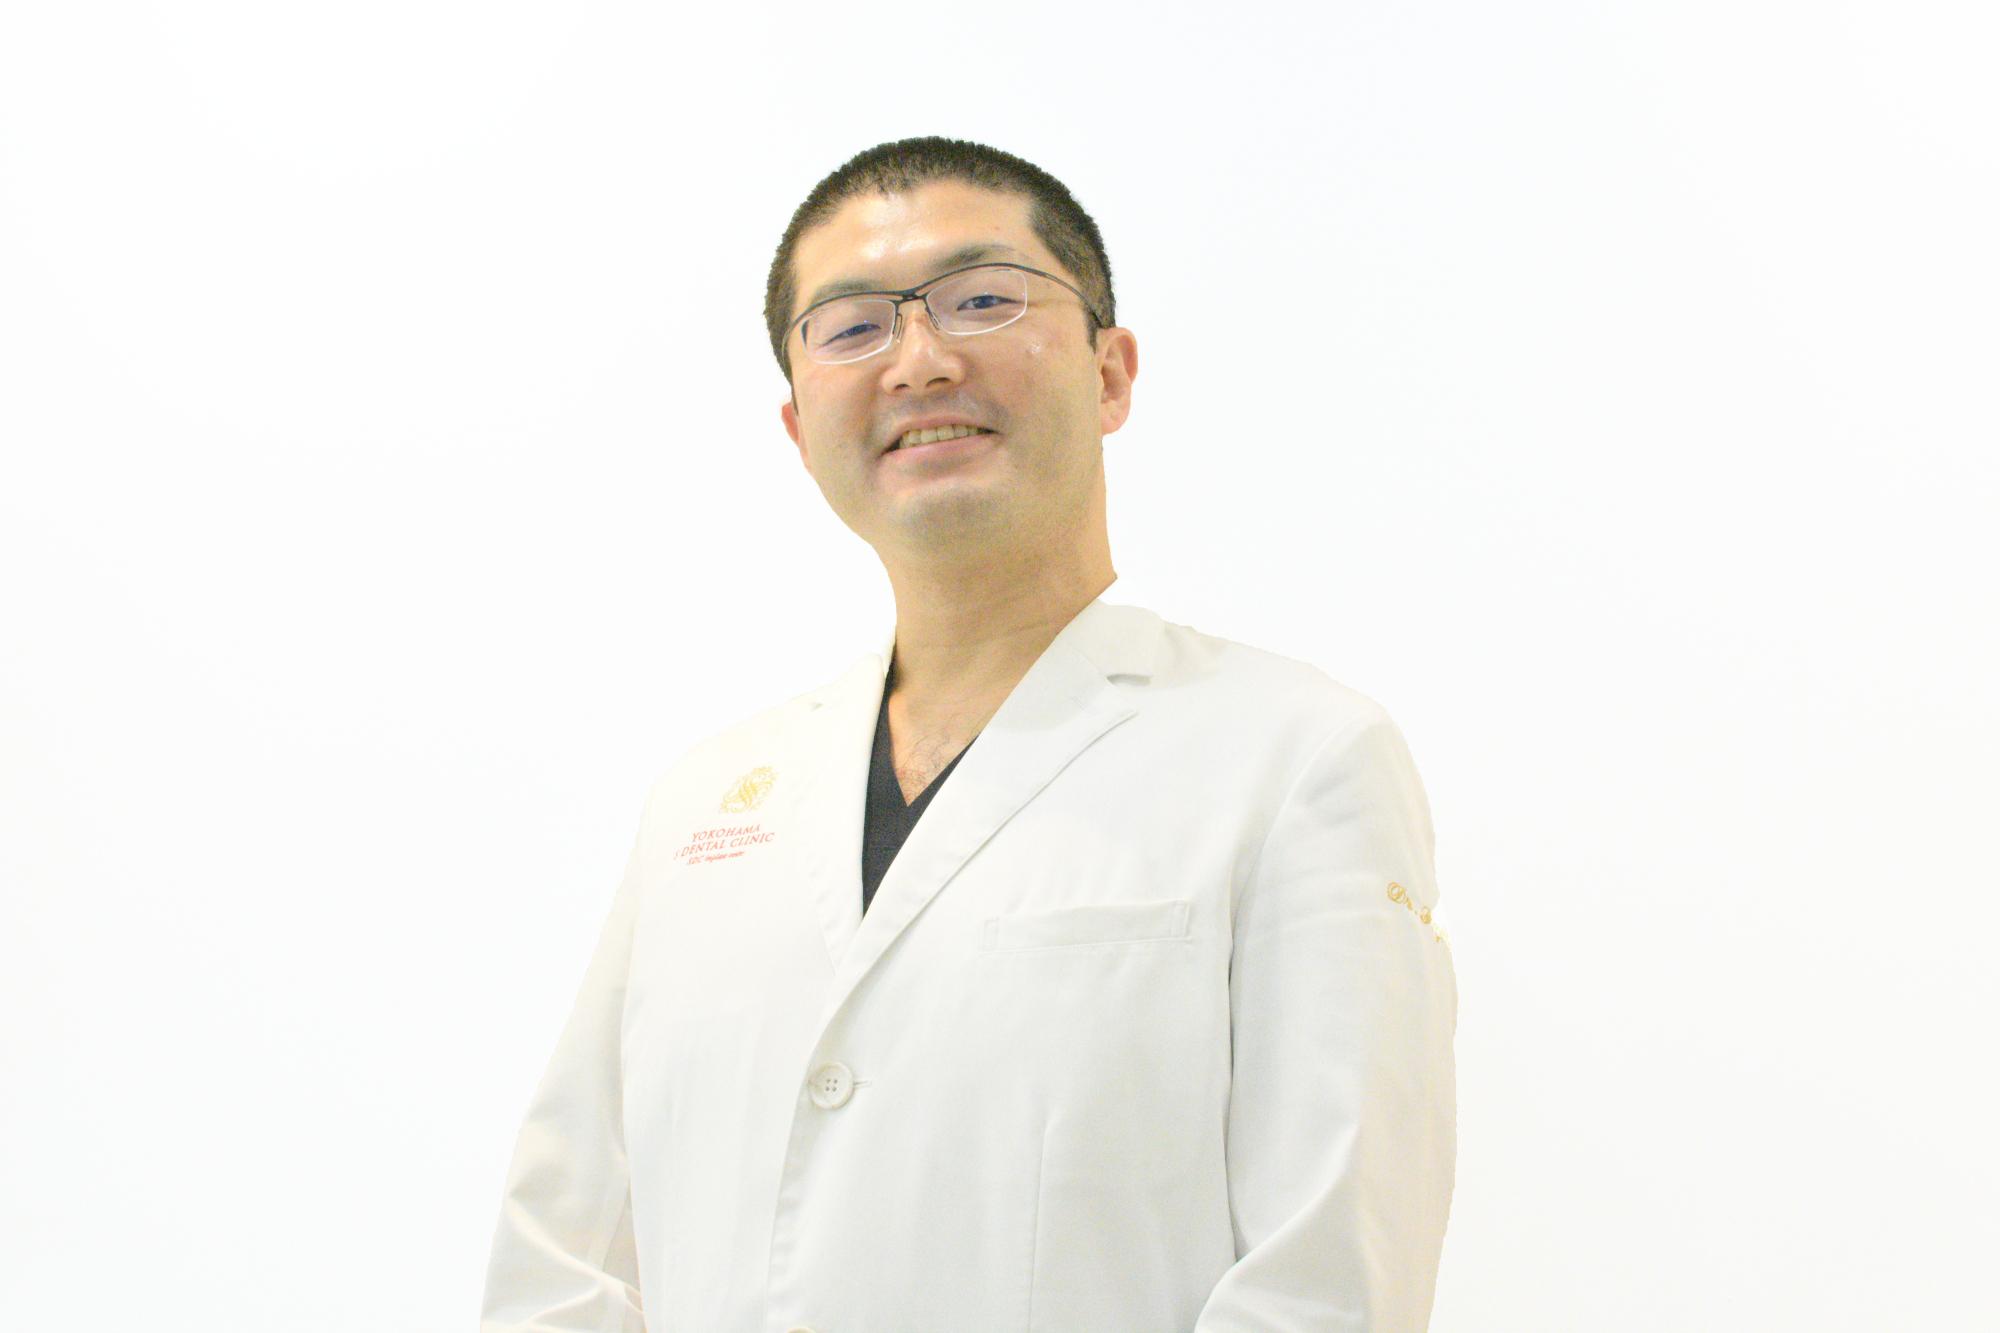 藤田 紘一 FujitaKoichi